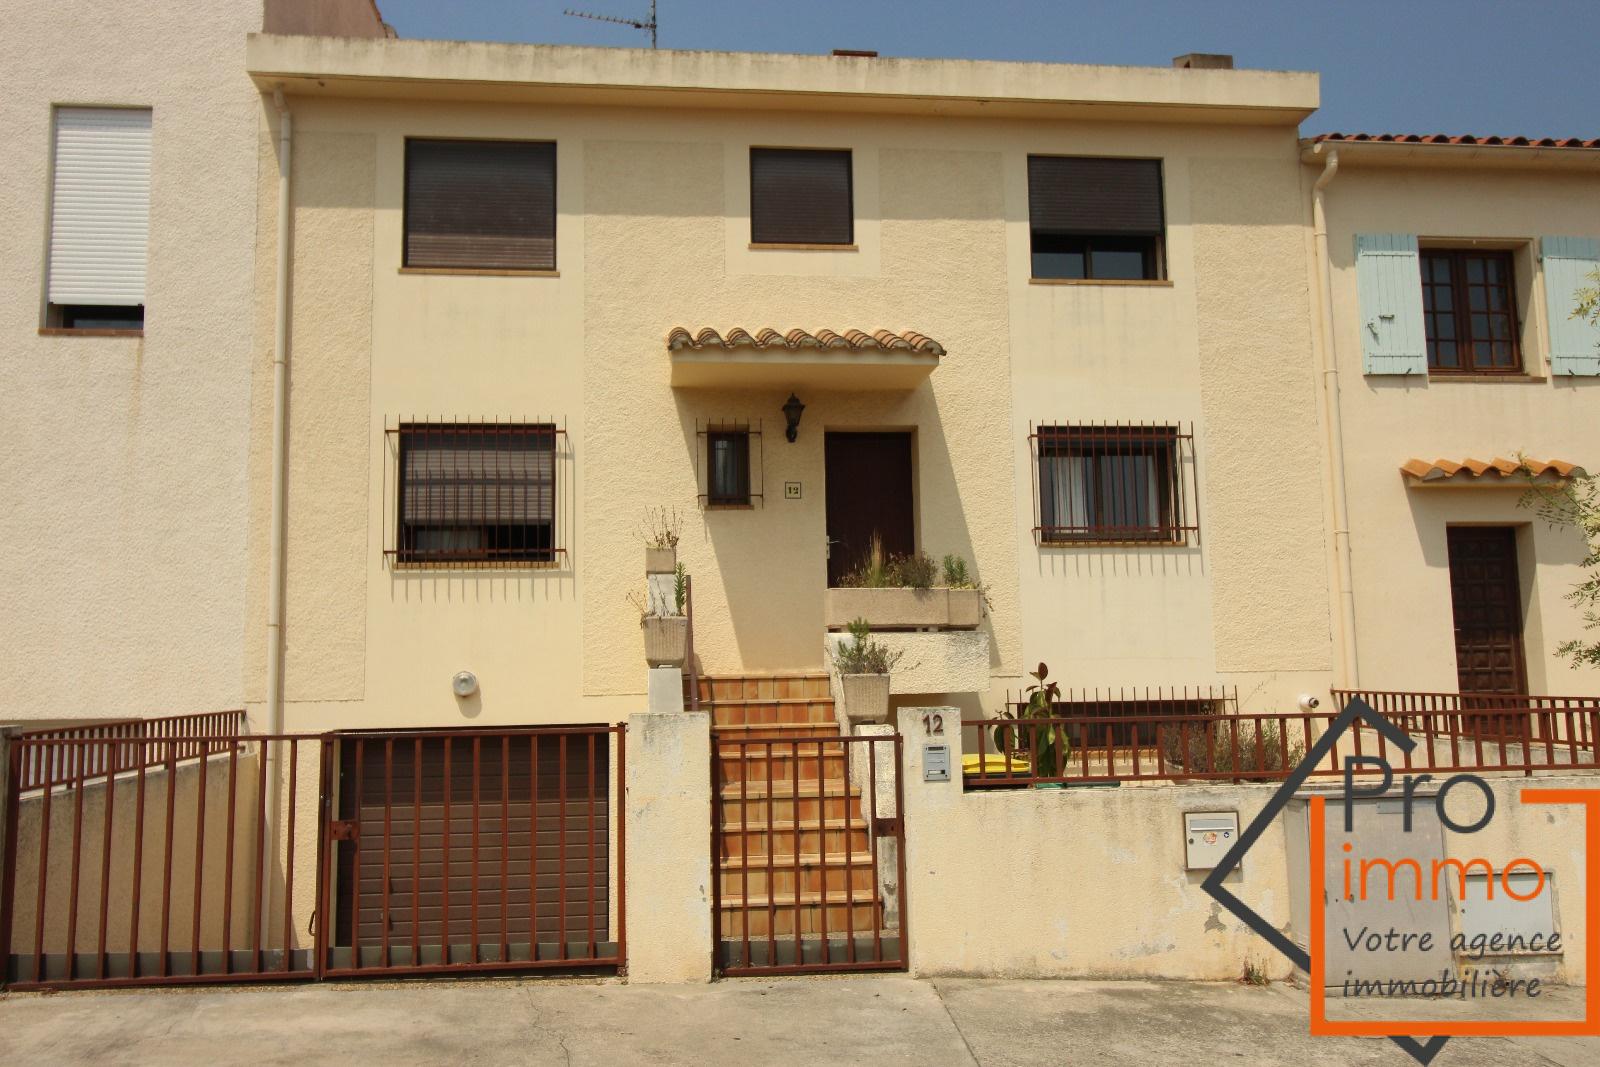 Annonce vente maison perpignan 66000 155 m 259 000 992737962569 - Debarras maison perpignan ...